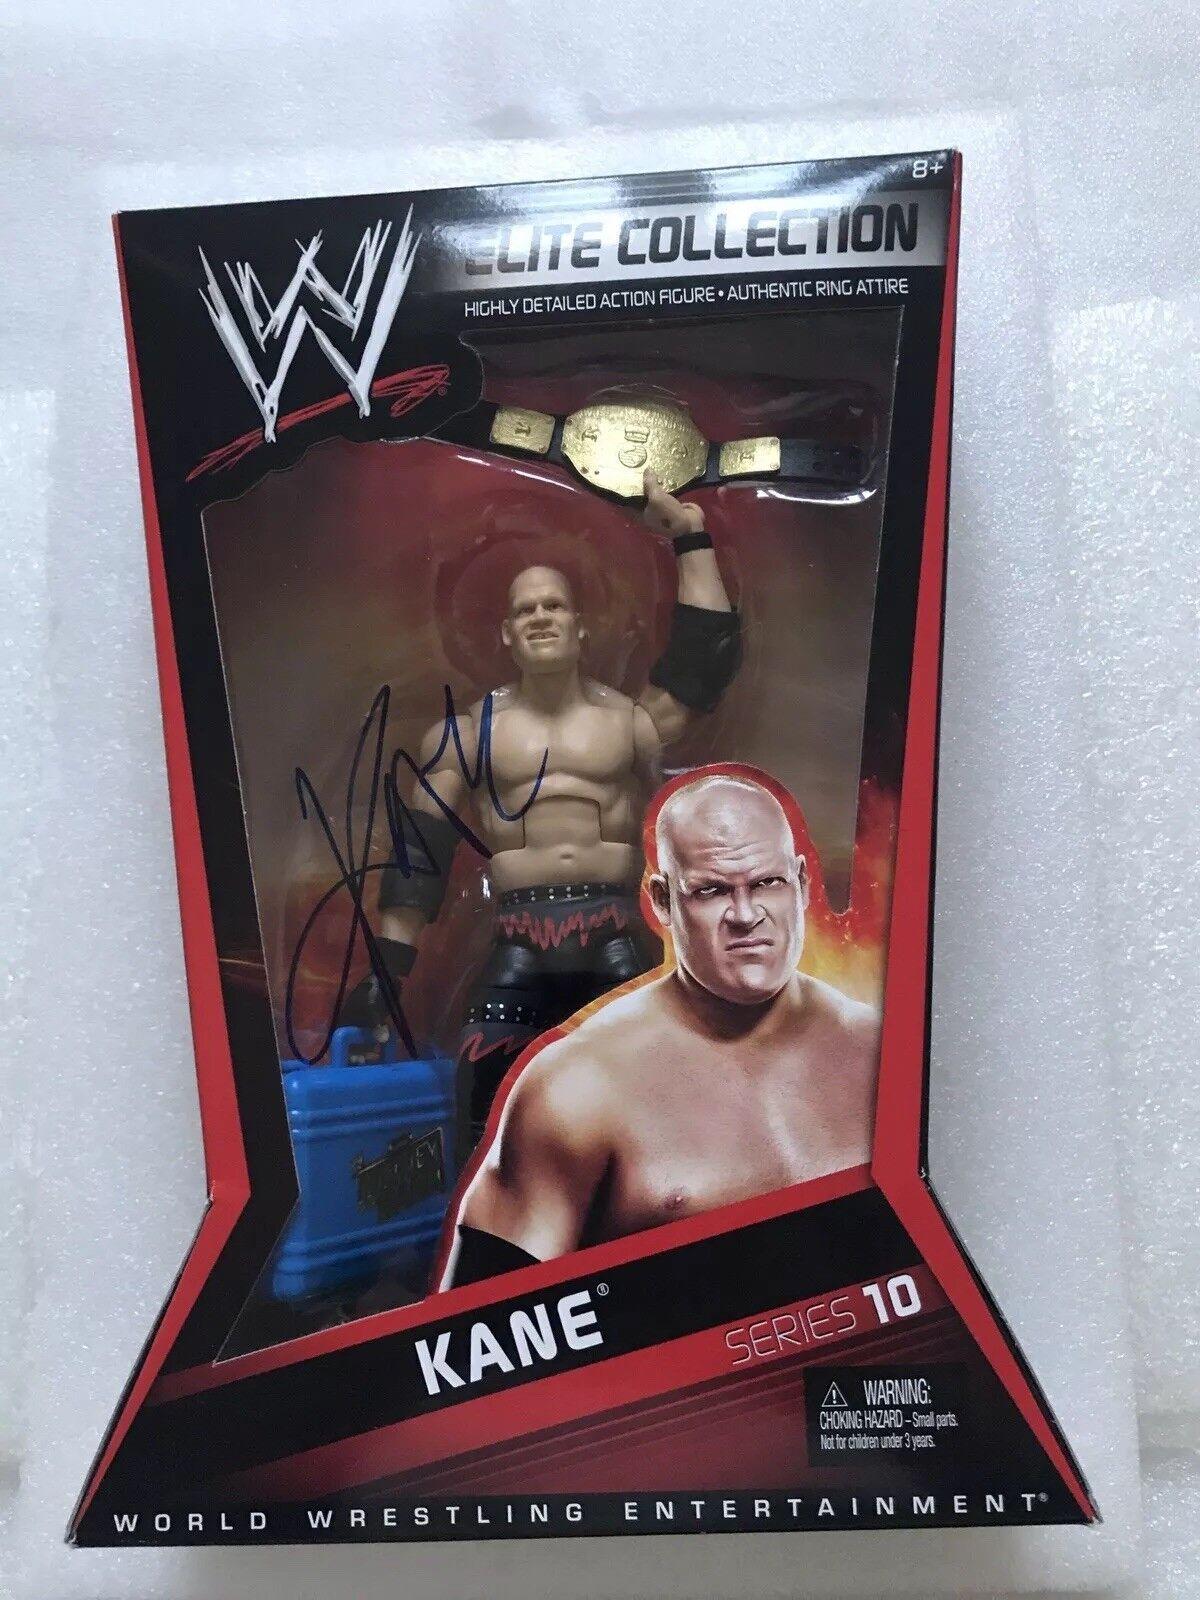 precios bajos todos los dias WWE MATTEL ELITE Collection Autografiado serie 10 Kane MitB Peso Peso Peso Pesado Nuevo  mas barato